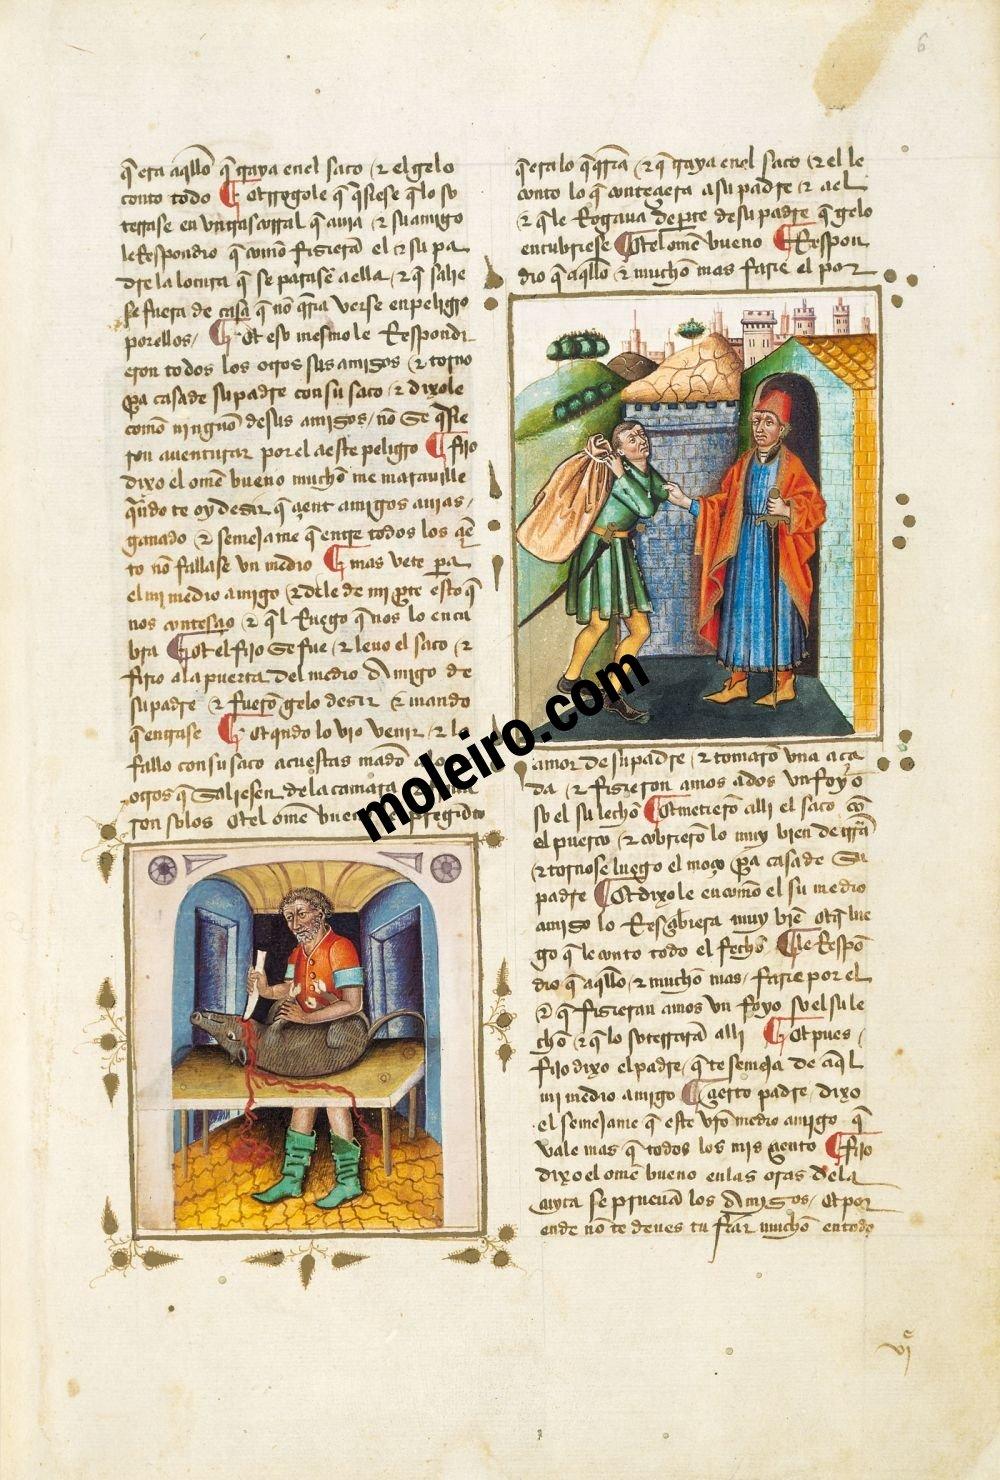 Libro del Caballero Zifar f. 6r